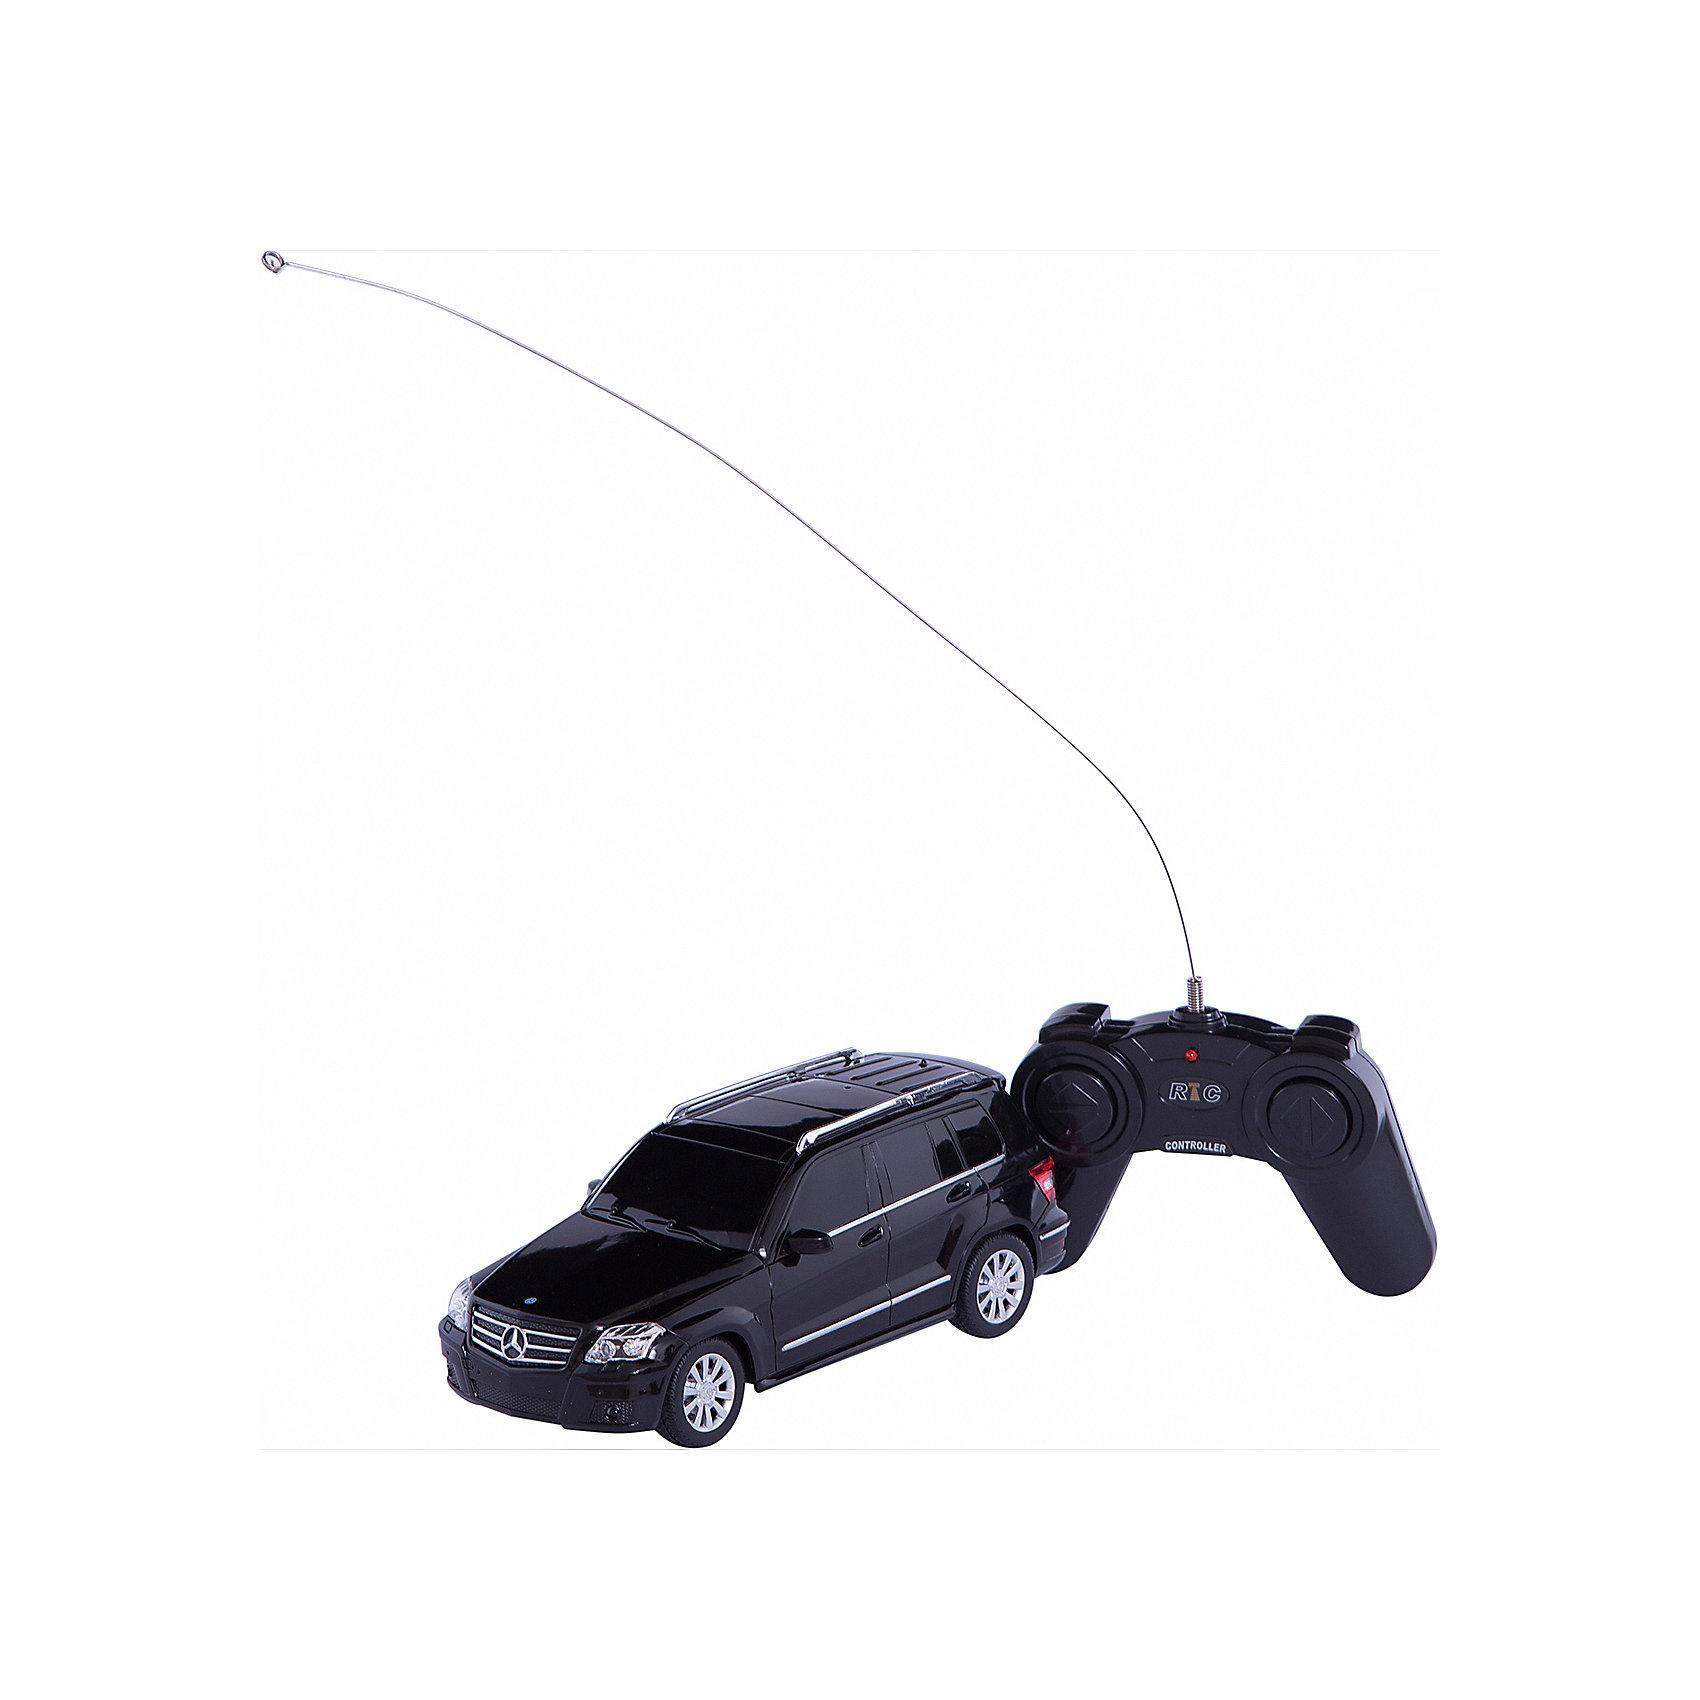 RASTAR Радиоуправляемая машина Mercedes GLK 1:24, в ассортиментеКоллекционные модели<br>RASTAR Радиоуправляемая машина Mercedes GLK 1:24, в ассортименте - игрушка, которая наверняка приведет в восторг вашего ребенка, ведь эта радиоуправляемая машина - уменьшенная копия настоящего Мерседеса! <br><br>Модель выполнена в масштабе 1: 24.<br><br>Особенности игрушки:<br><br>- Работает на частоте: 27MHz; <br>- Движение вперед, назад, вправо, влево; <br>- Контроль управления: 15 - 45 метров; <br>- Развивает скорость до: 7 км/ч; <br>- Светятся фары. <br><br><br>Дополнительная информация:<br><br><br>- Размер игрушки: 20х7,6х8,1 см.<br>- Для работы требуются батарейки: 5 Х АА (не входят в комплект).<br>- Материалы: пластик.<br>- Размер упаковки: 28,5х14х12 см.<br>- Вес: 430 г.<br>ВНИМАНИЕ! Данный товар представлен в ассортименте и отличается цветовым исполнением (варианты цветового исполнения - черный, серебристый и белый). Предварительный выбор определенного цветового исполнения артикула, к сожалению, невозможен. При заказе нескольких единиц данного товара, возможно получение одинаковых.<br><br>Ширина мм: 285<br>Глубина мм: 140<br>Высота мм: 120<br>Вес г: 430<br>Возраст от месяцев: 72<br>Возраст до месяцев: 1188<br>Пол: Мужской<br>Возраст: Детский<br>SKU: 2557178